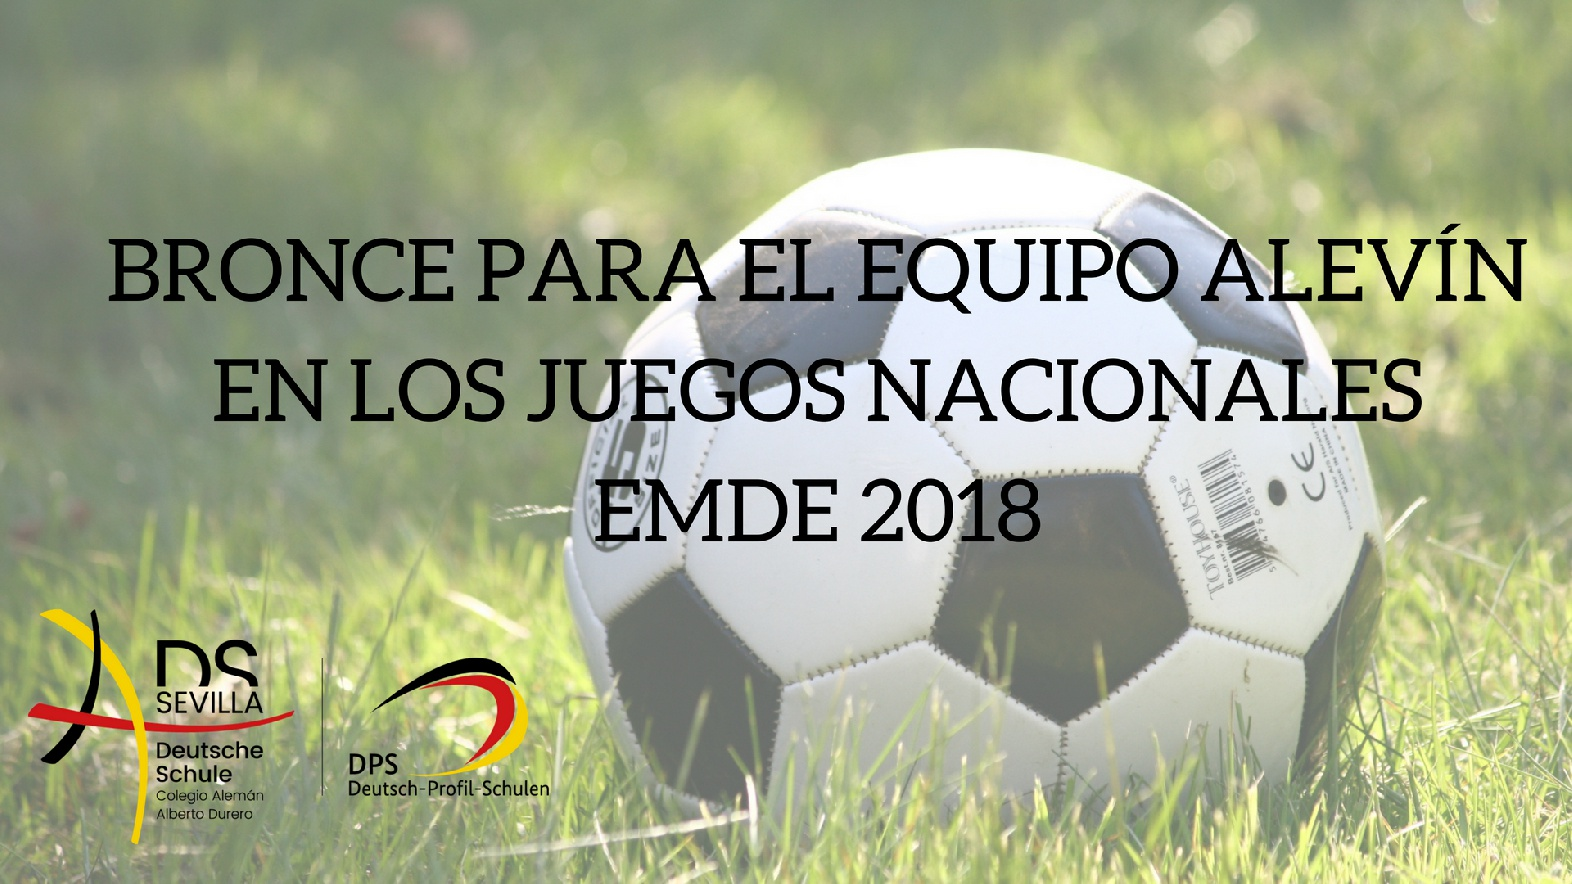 EQUIPO ALEVÍN DE FUTSAL BRONCE EN LOS JUEGOS NACIONALES EMDE 2018